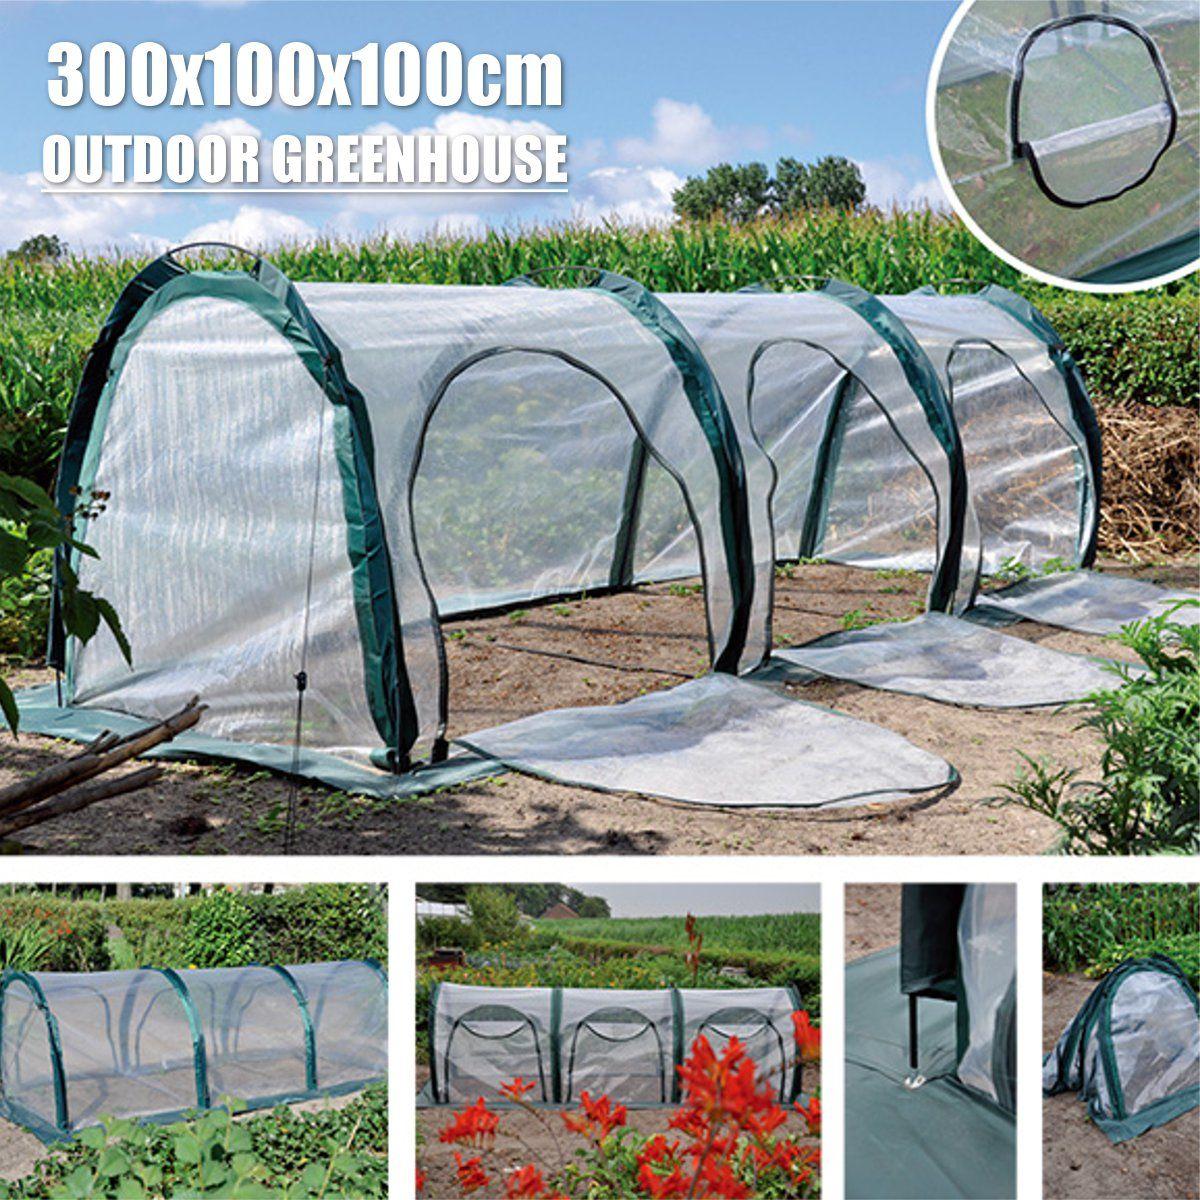 المنزل في الهواء الطلق صوبة صغيرة زهرة النبات البستنة الشتاء المأوى مقاوم للماء المضادة للأشعة فوق البنفسجية نفق الخضروات الدفيئة 300x100x100cm